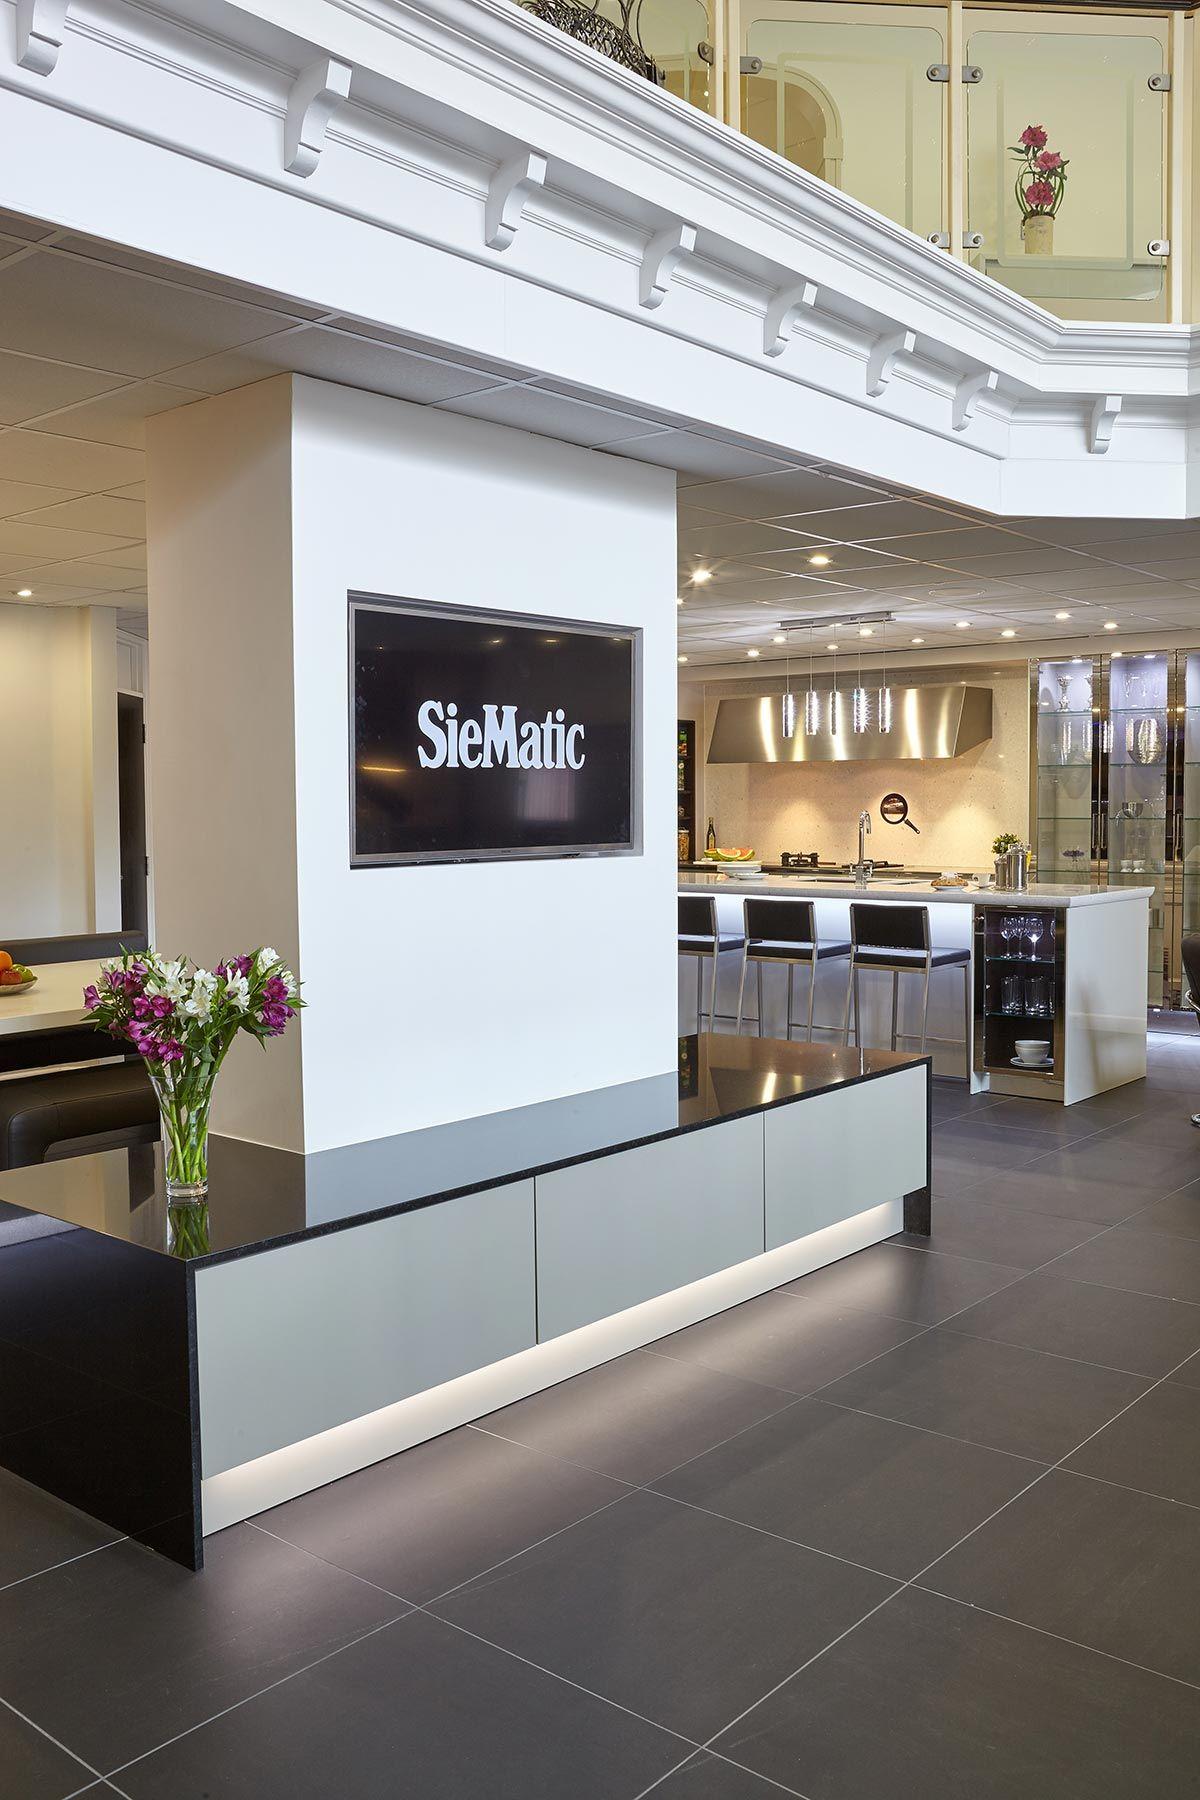 Siemens & Siematic Showroom | Siematic + Siemens Centre